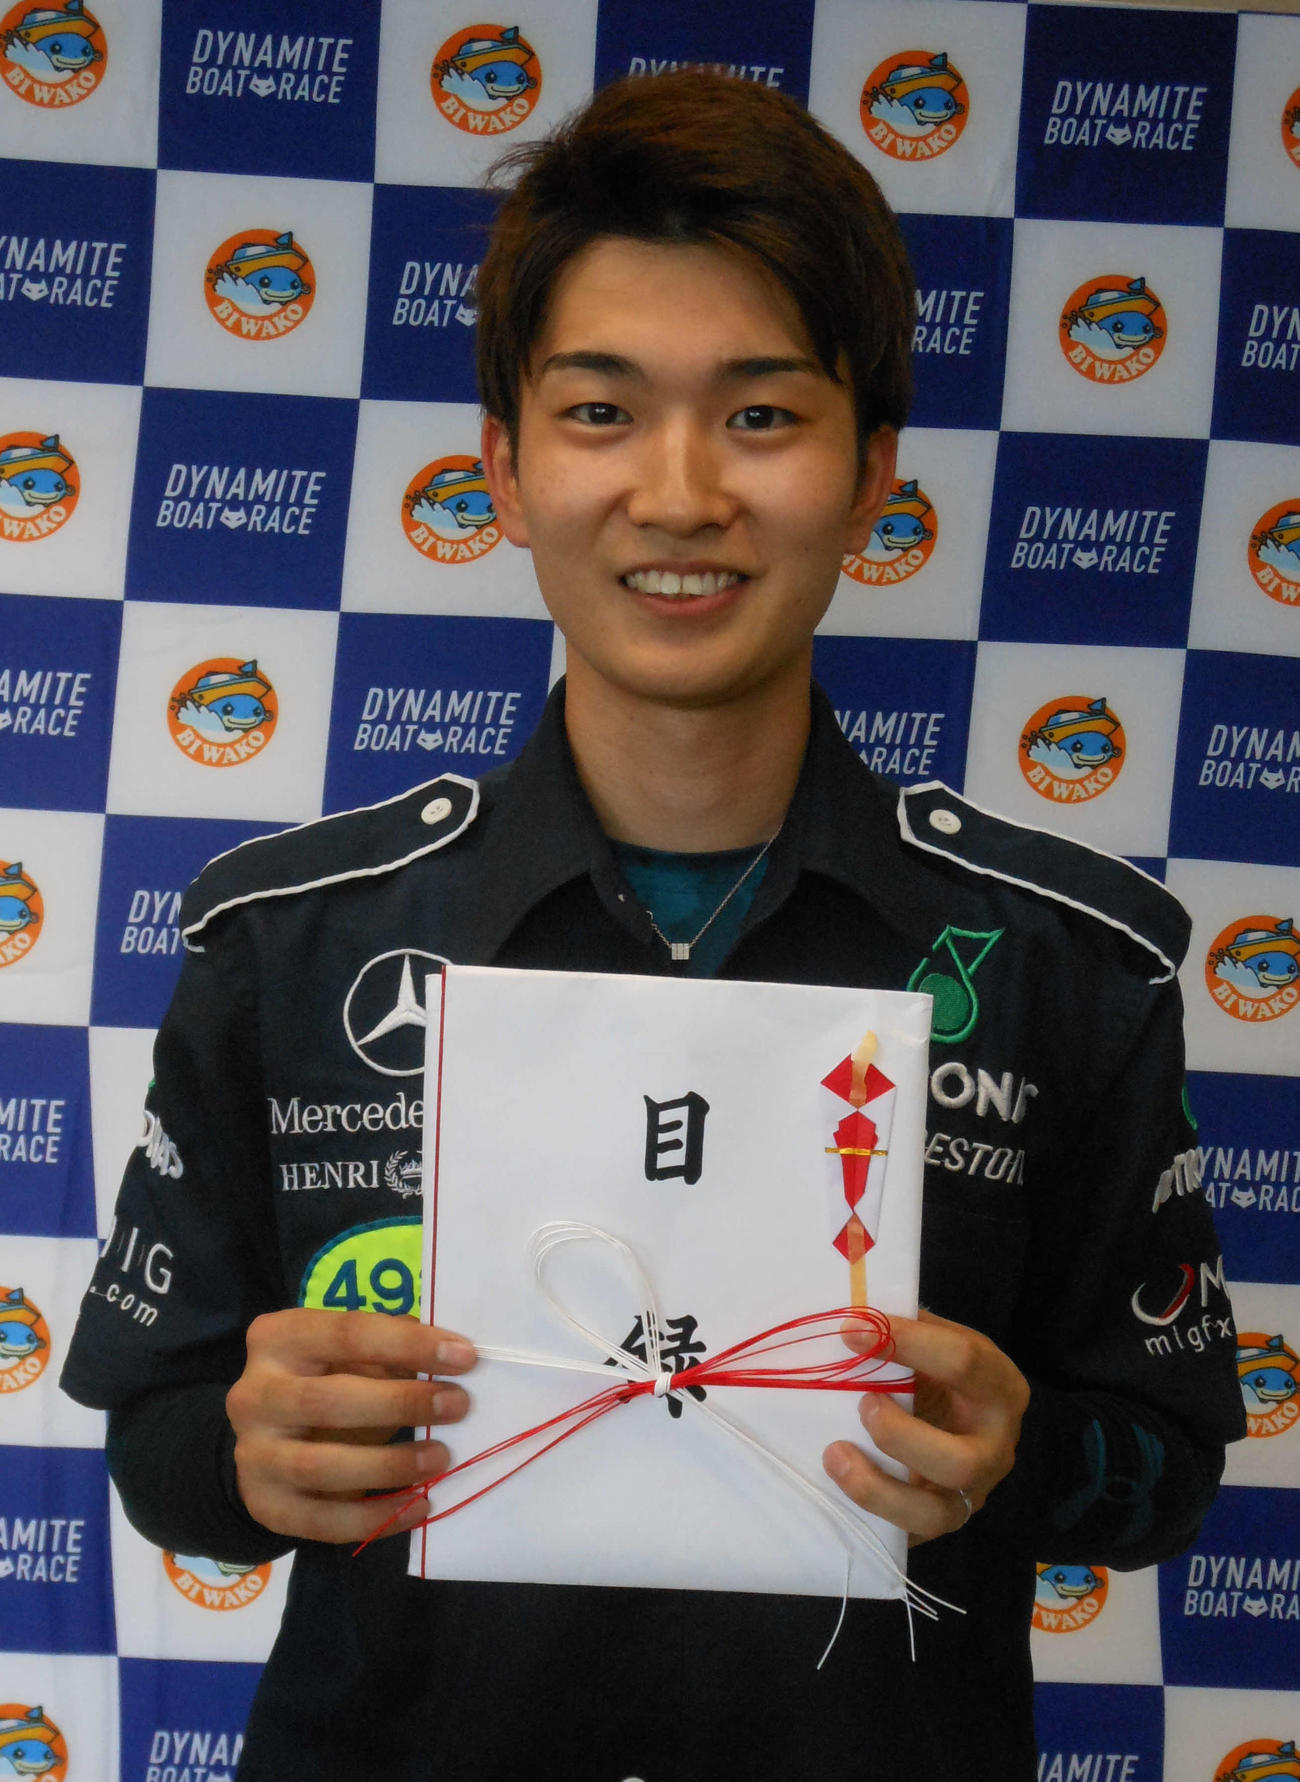 板橋侑我選手が2度目の優勝。奥さんは勝又桜選手で妊娠中。2020年8月に出産予定。